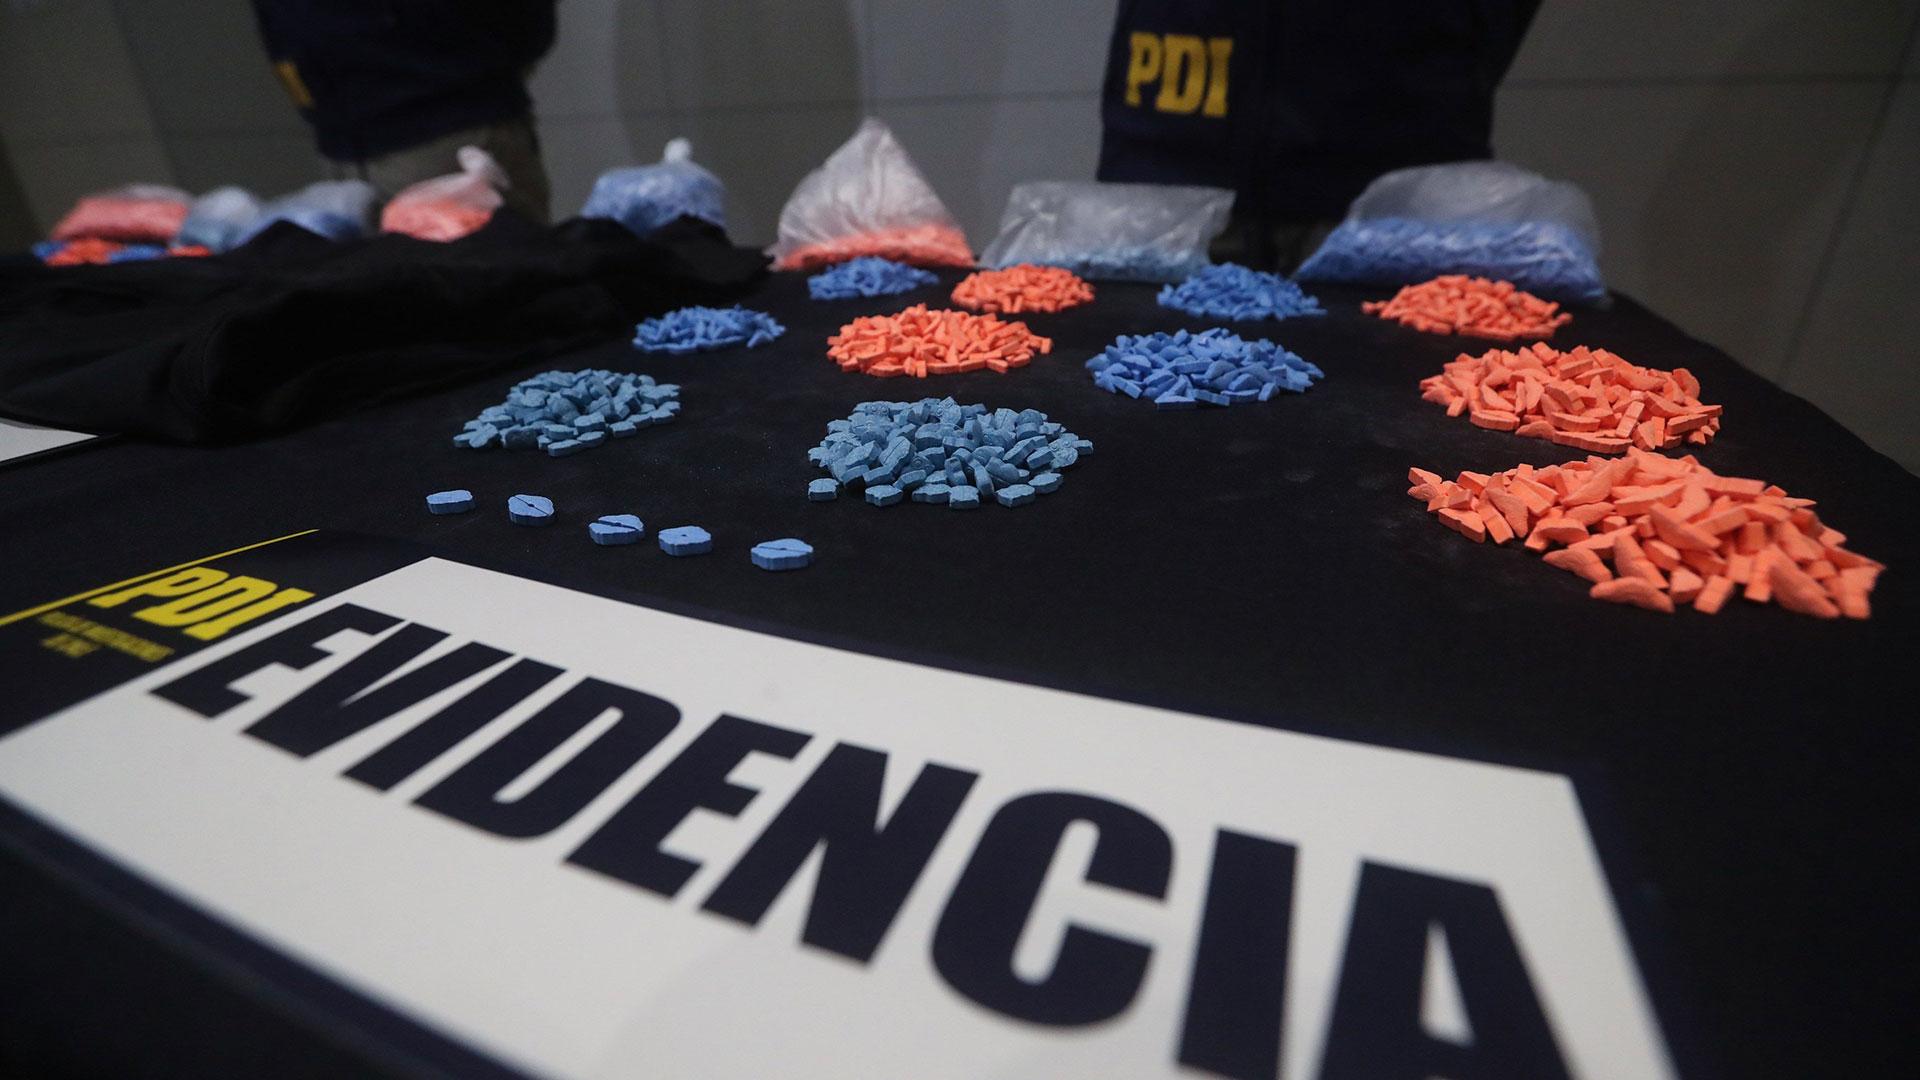 La mujer transportaba exactamente 9.147 pastillas de MDMA (éxtasis) ocultas en fajas musculares (EFE)